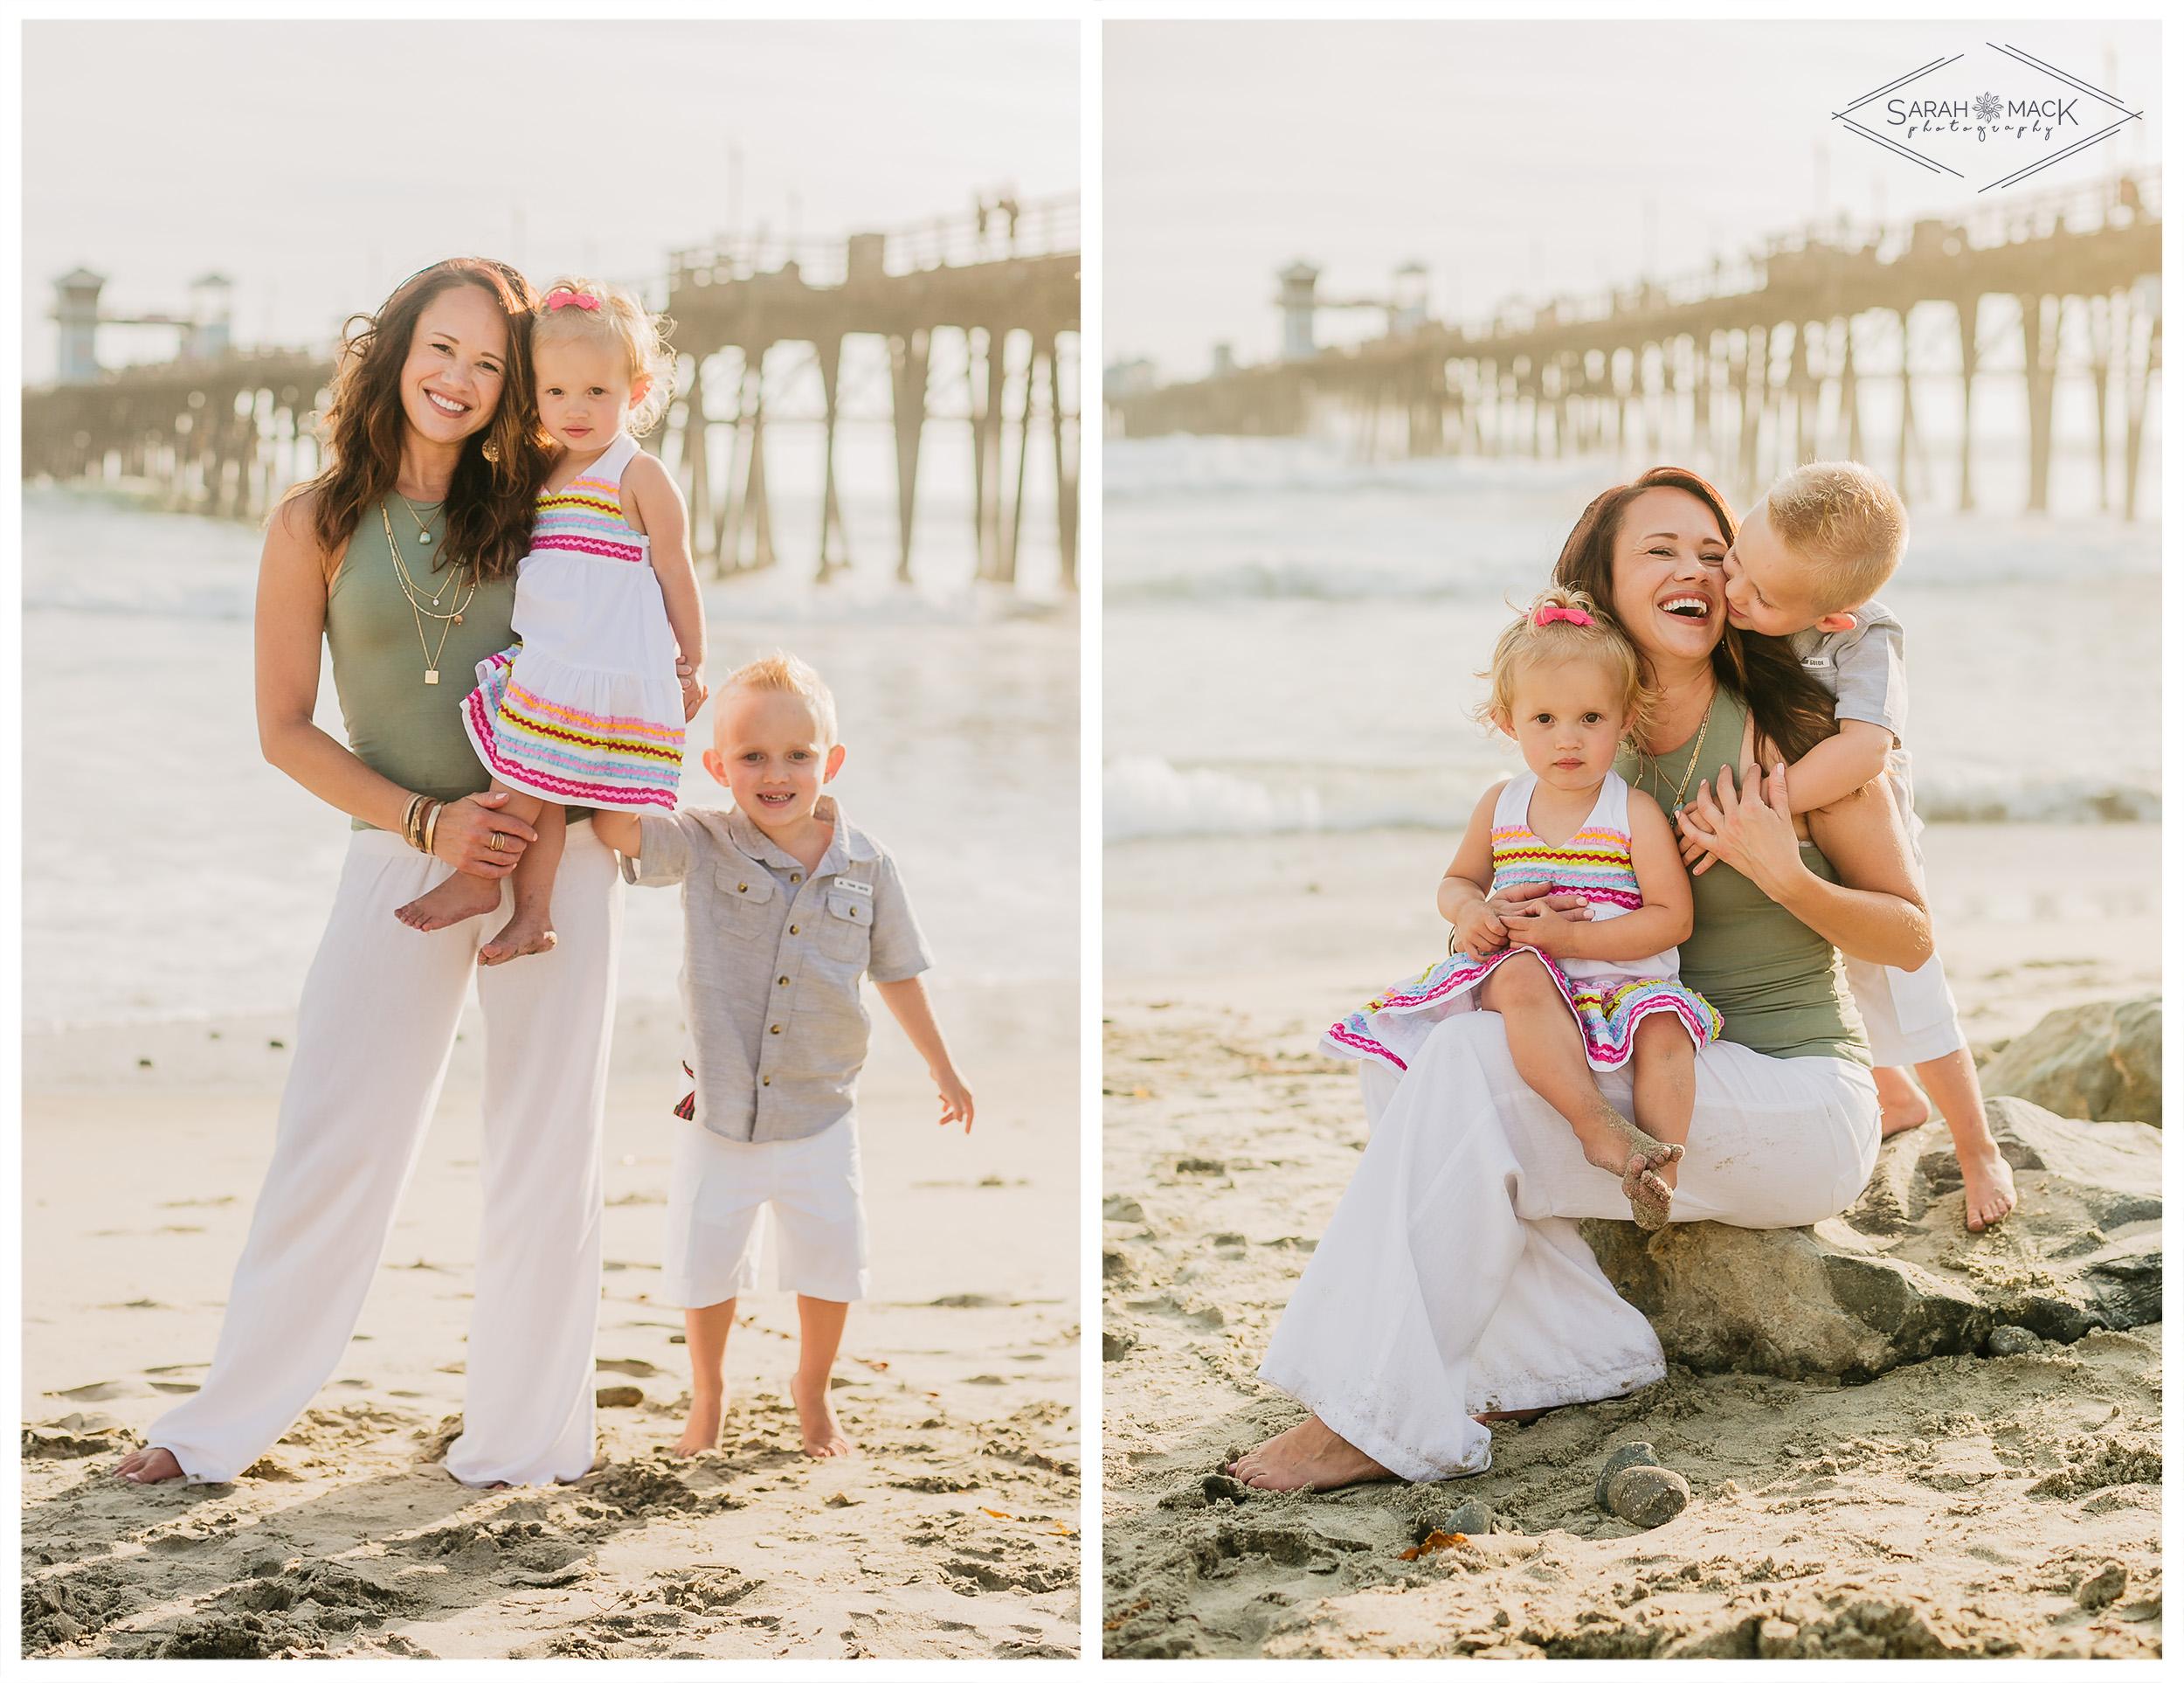 BP-Orange-County-Family-Photography-Oceanside-Pier-3.jpg